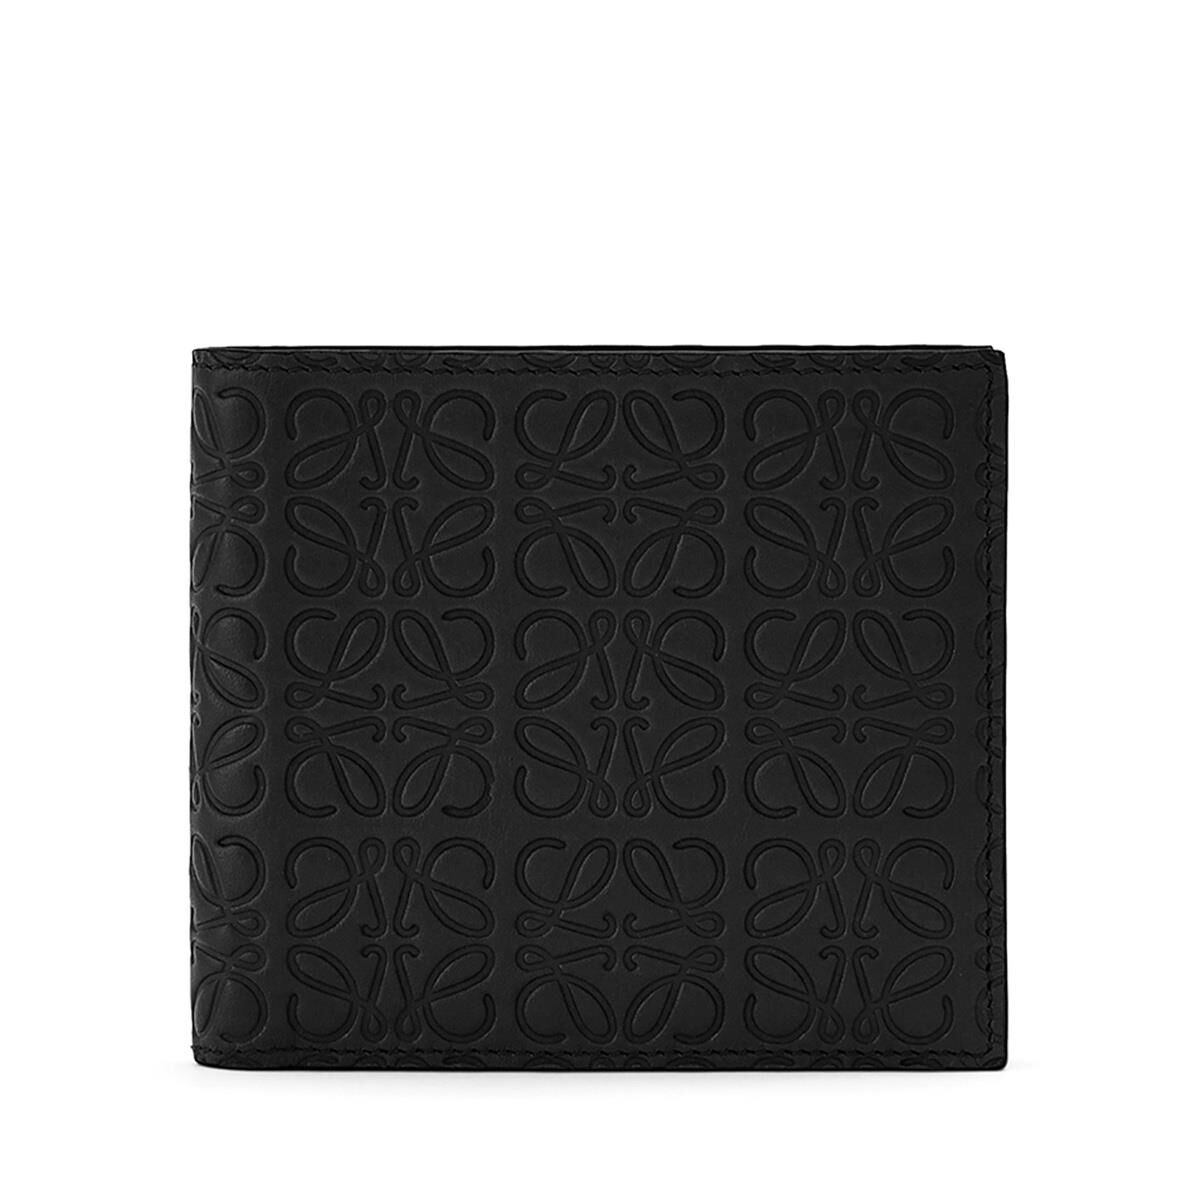 Trifold Wallet in Black Loewe d9tXKPI